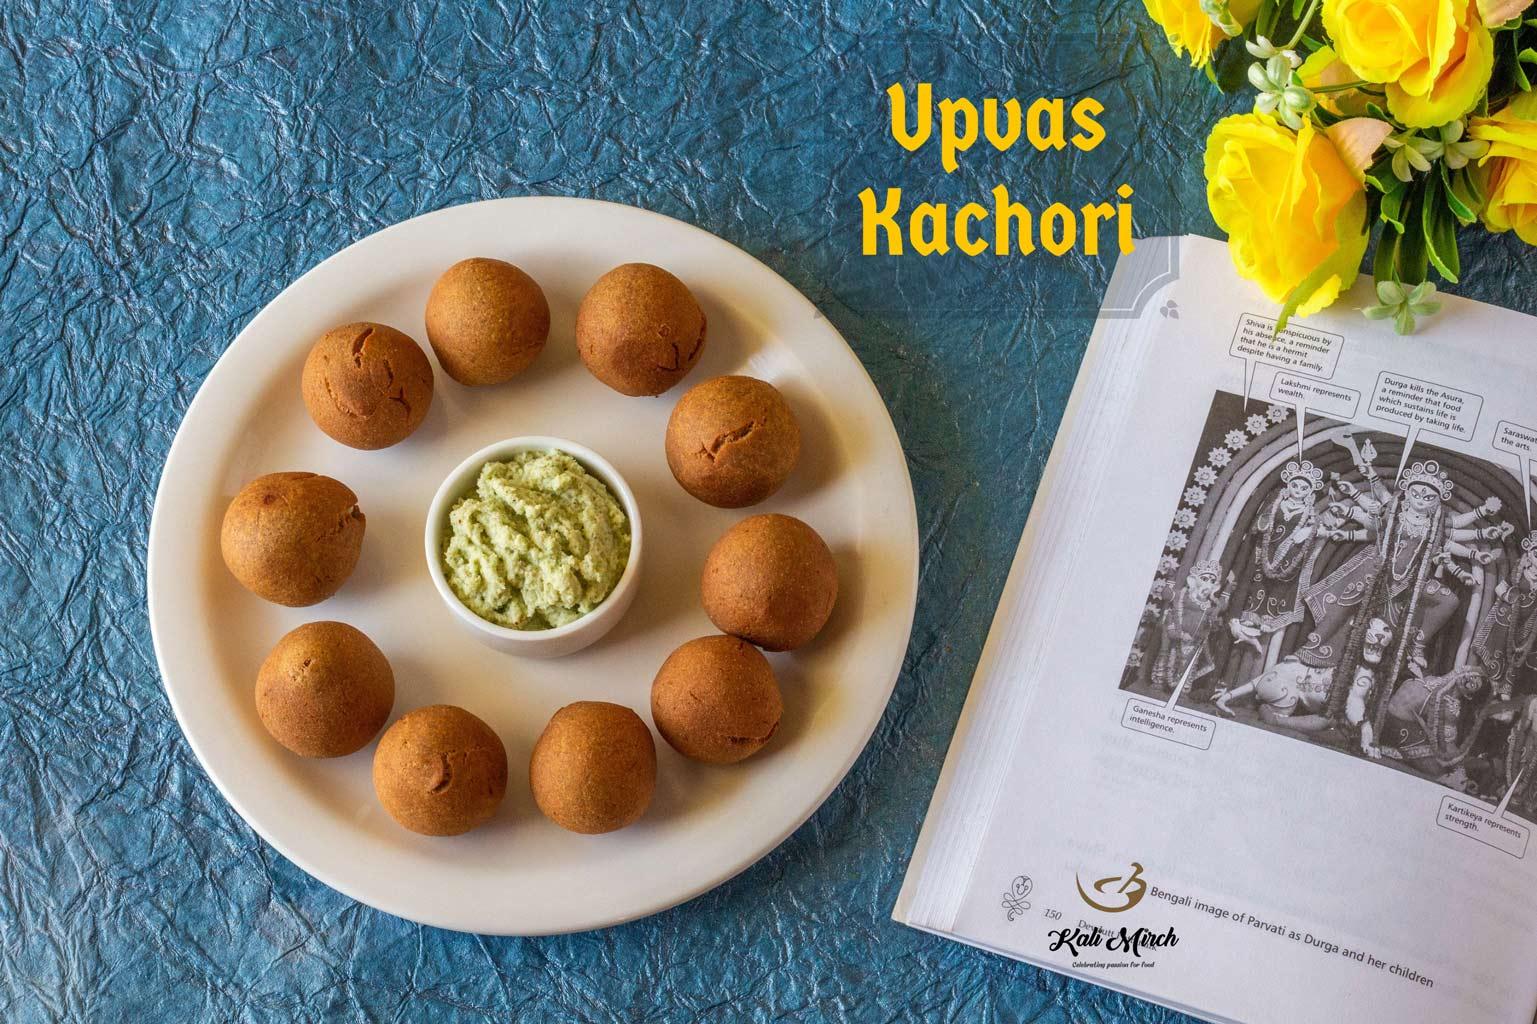 Upvas Kachori-Paneer Kachori